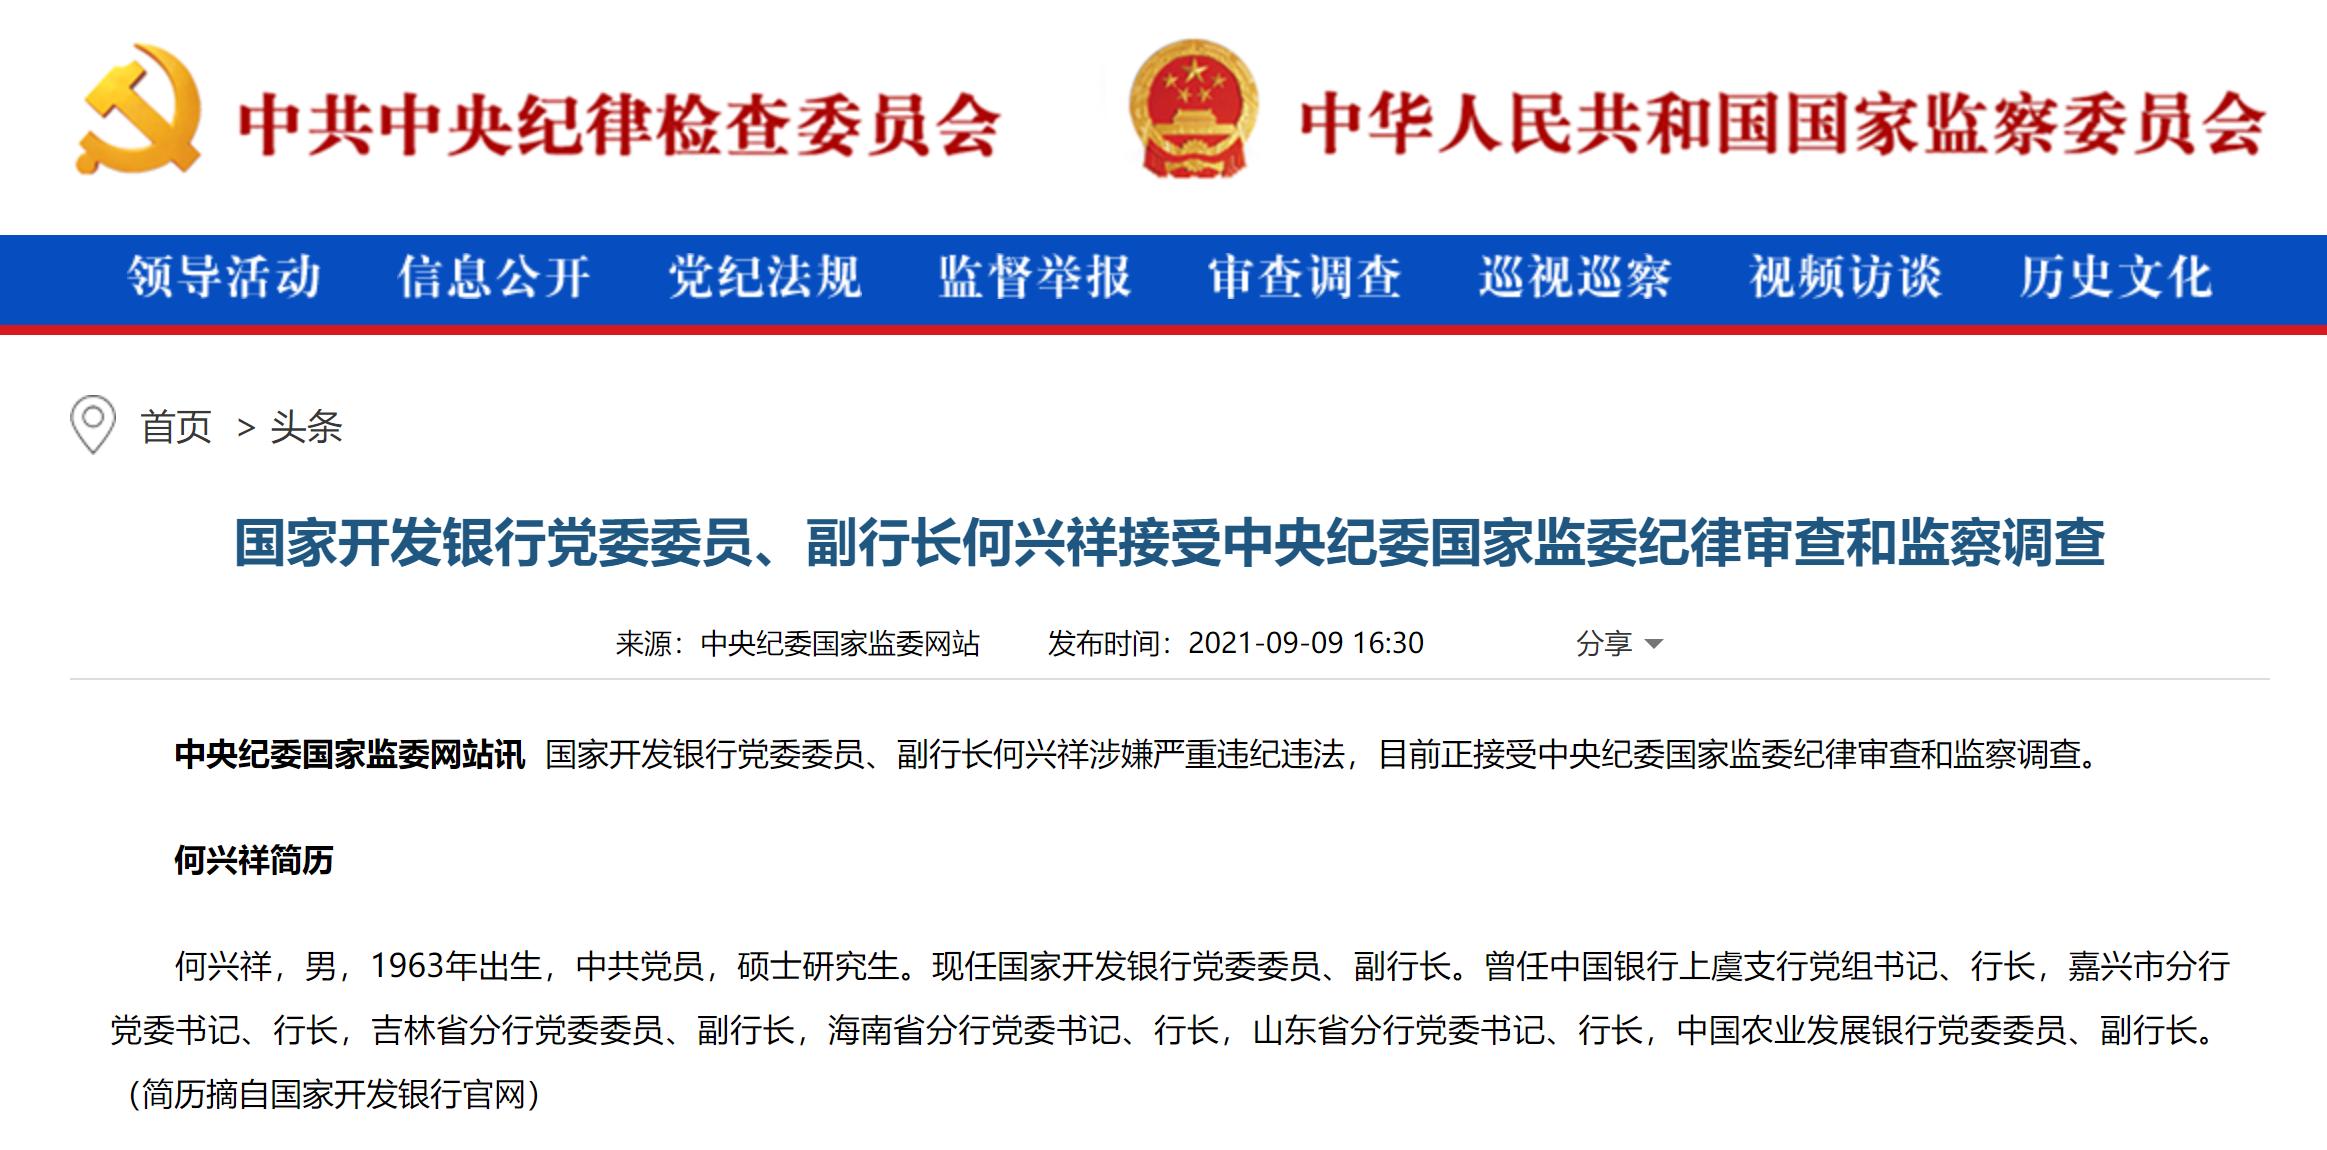 银行财眼丨国家开发银行副行长何兴祥公告被查